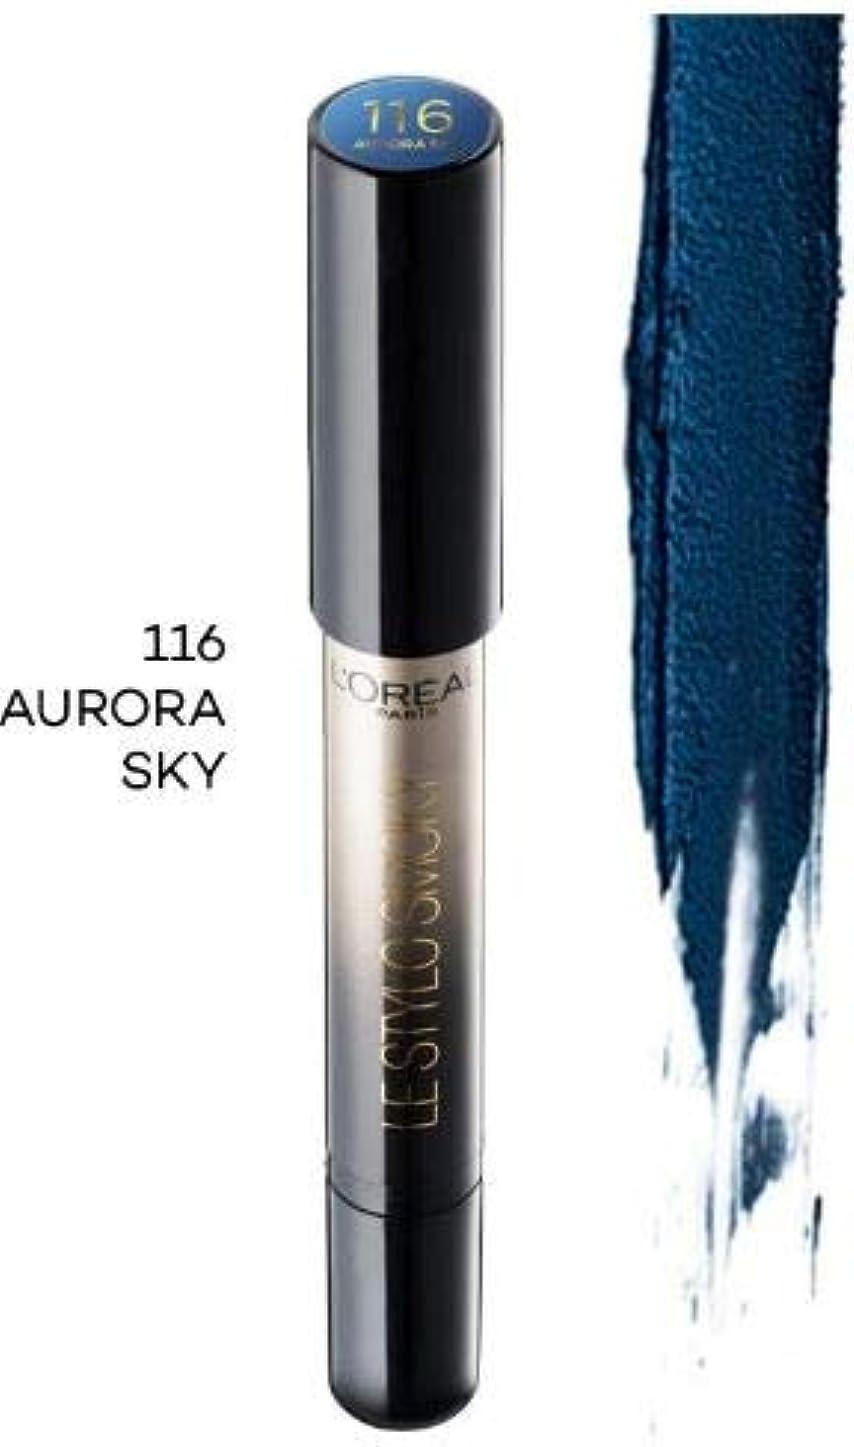 擬人化組立奨励L'OREAL Le Stylo Smoky Eye Shadow Aurora Sky 116 1.5g オーロラ スカイ - 真のプルシアンブルー マット仕上げ